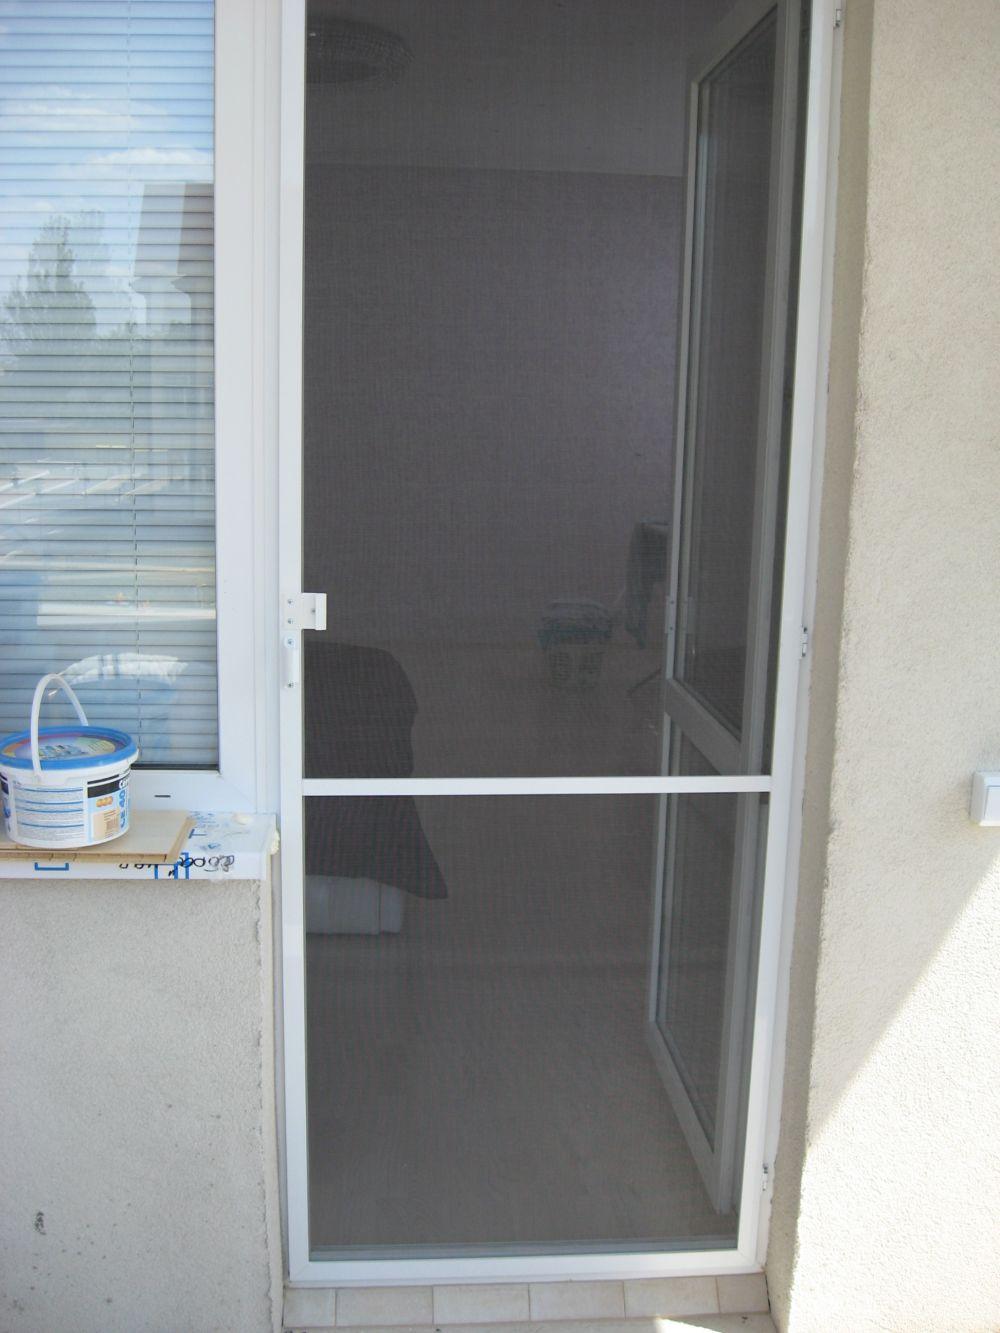 Москитная сетка на дверь балкона.